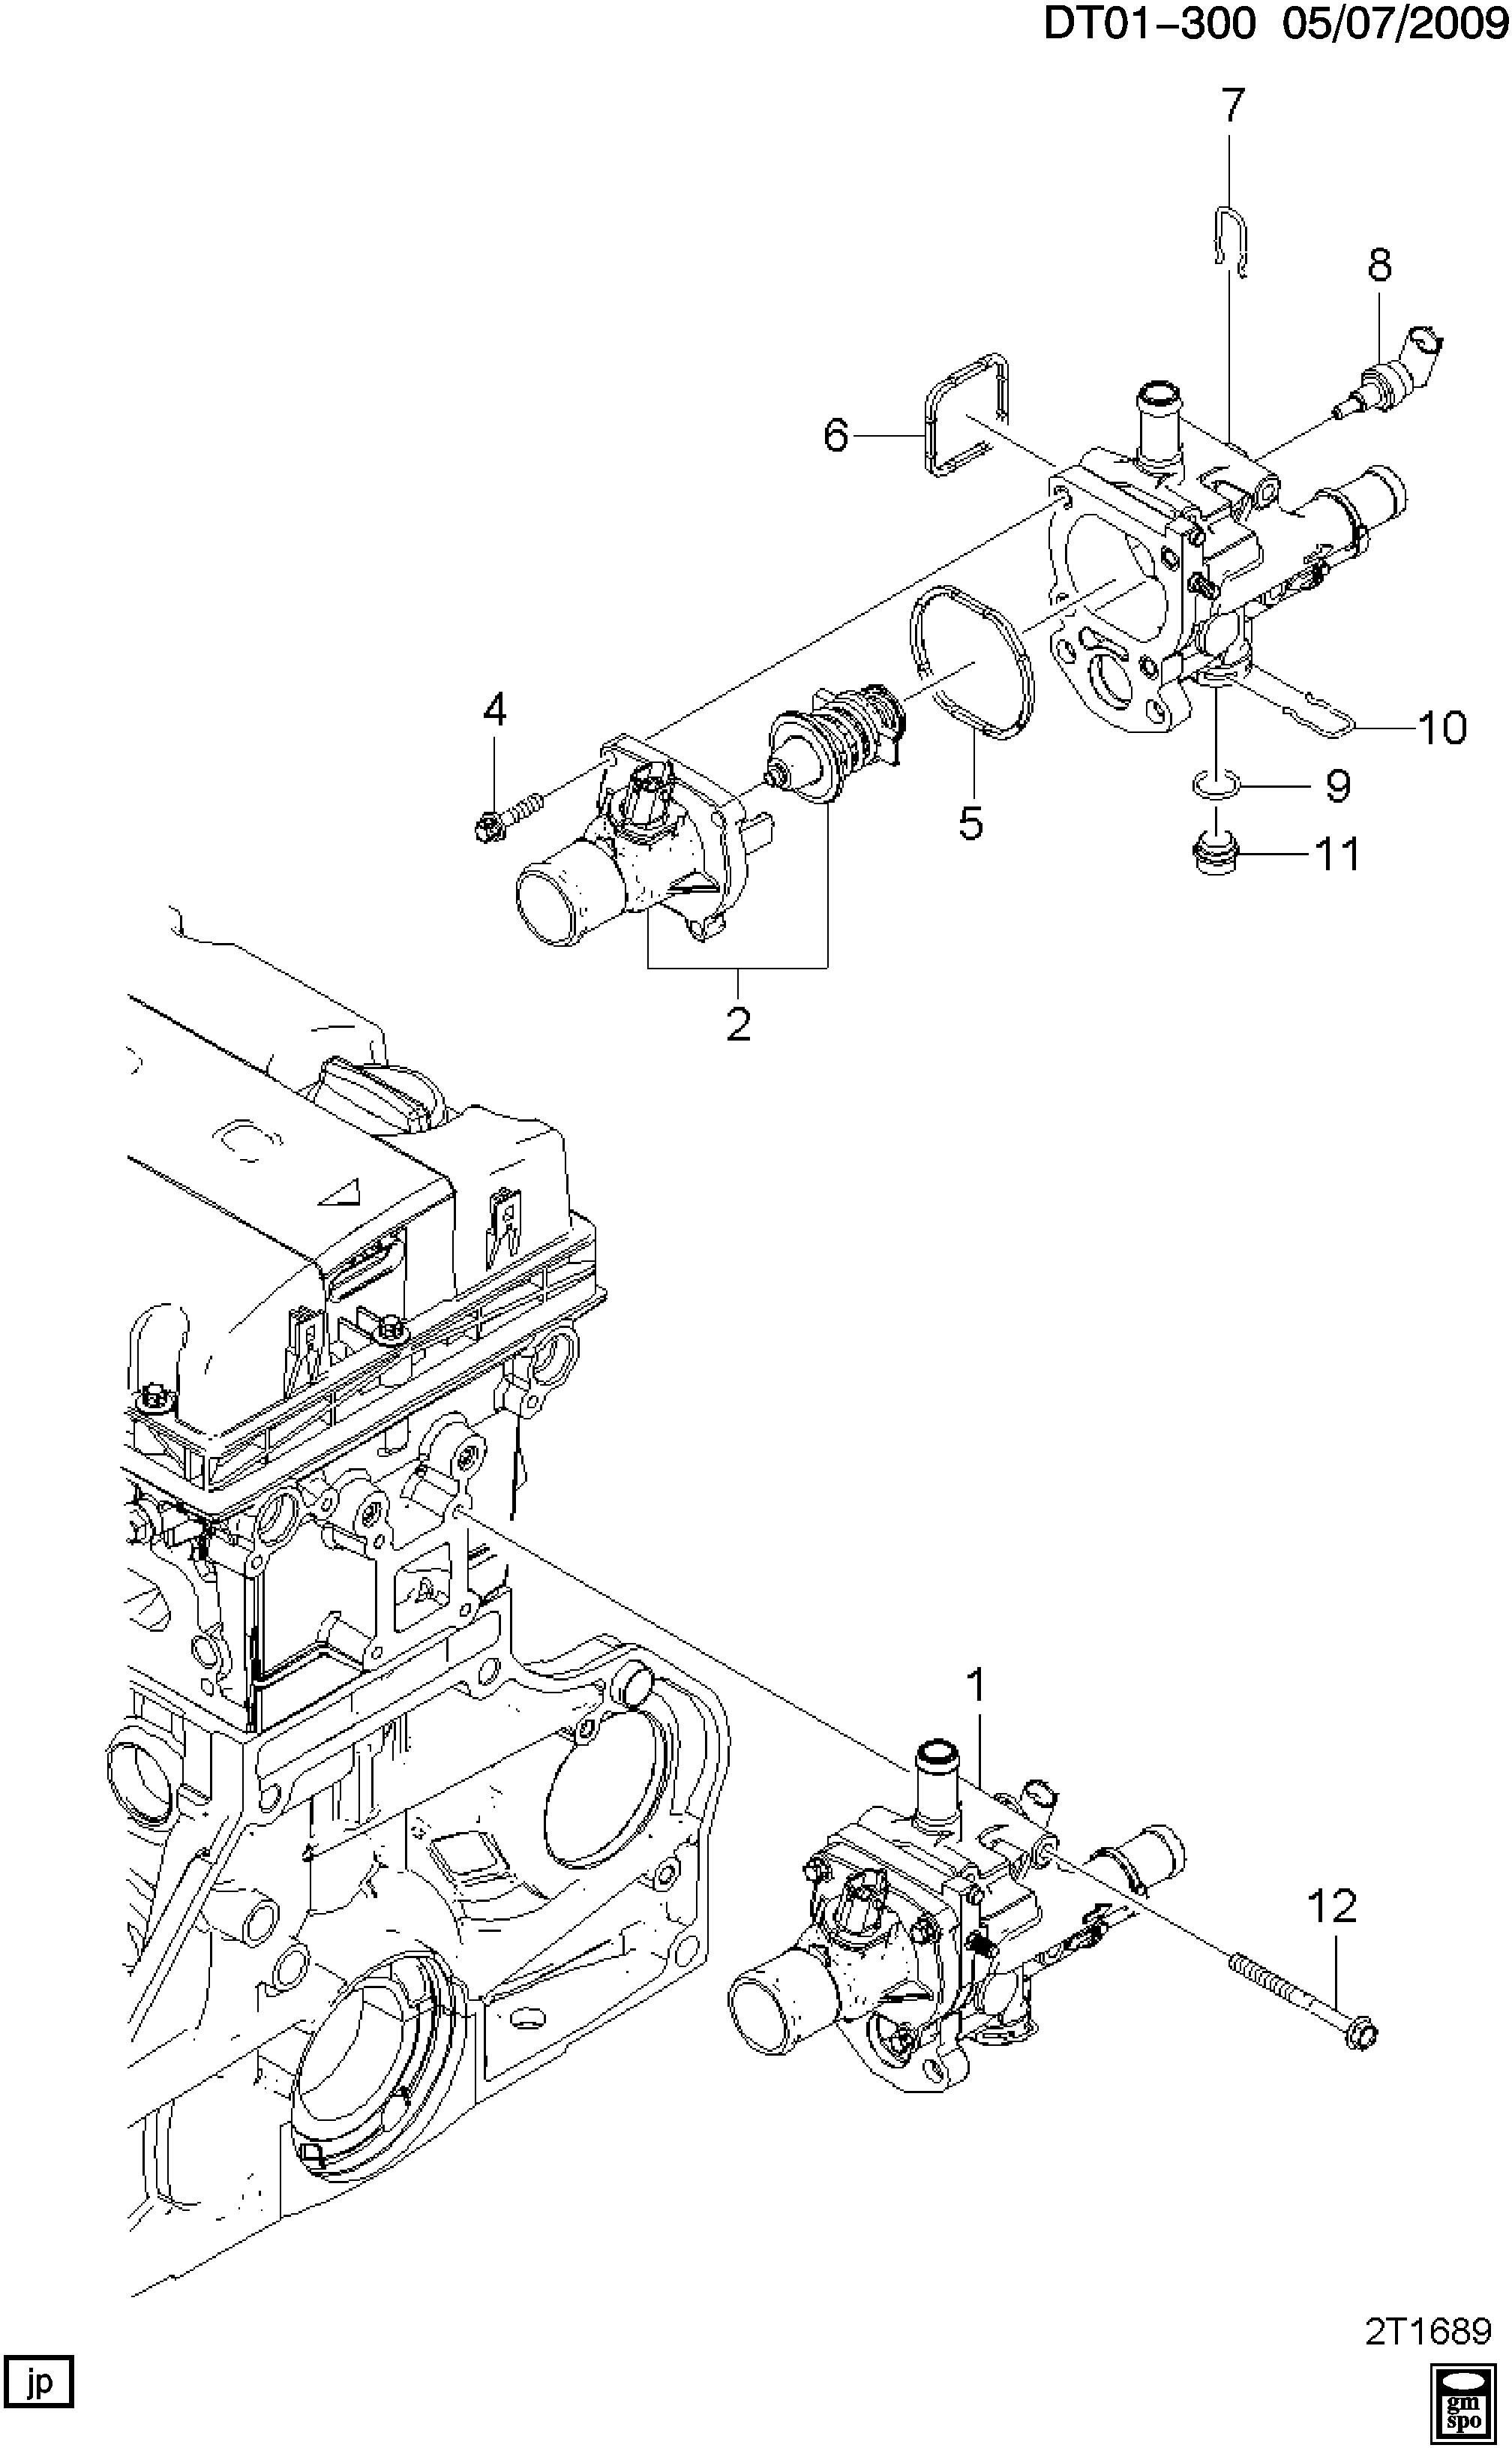 34 Chevy Aveo Parts Diagram